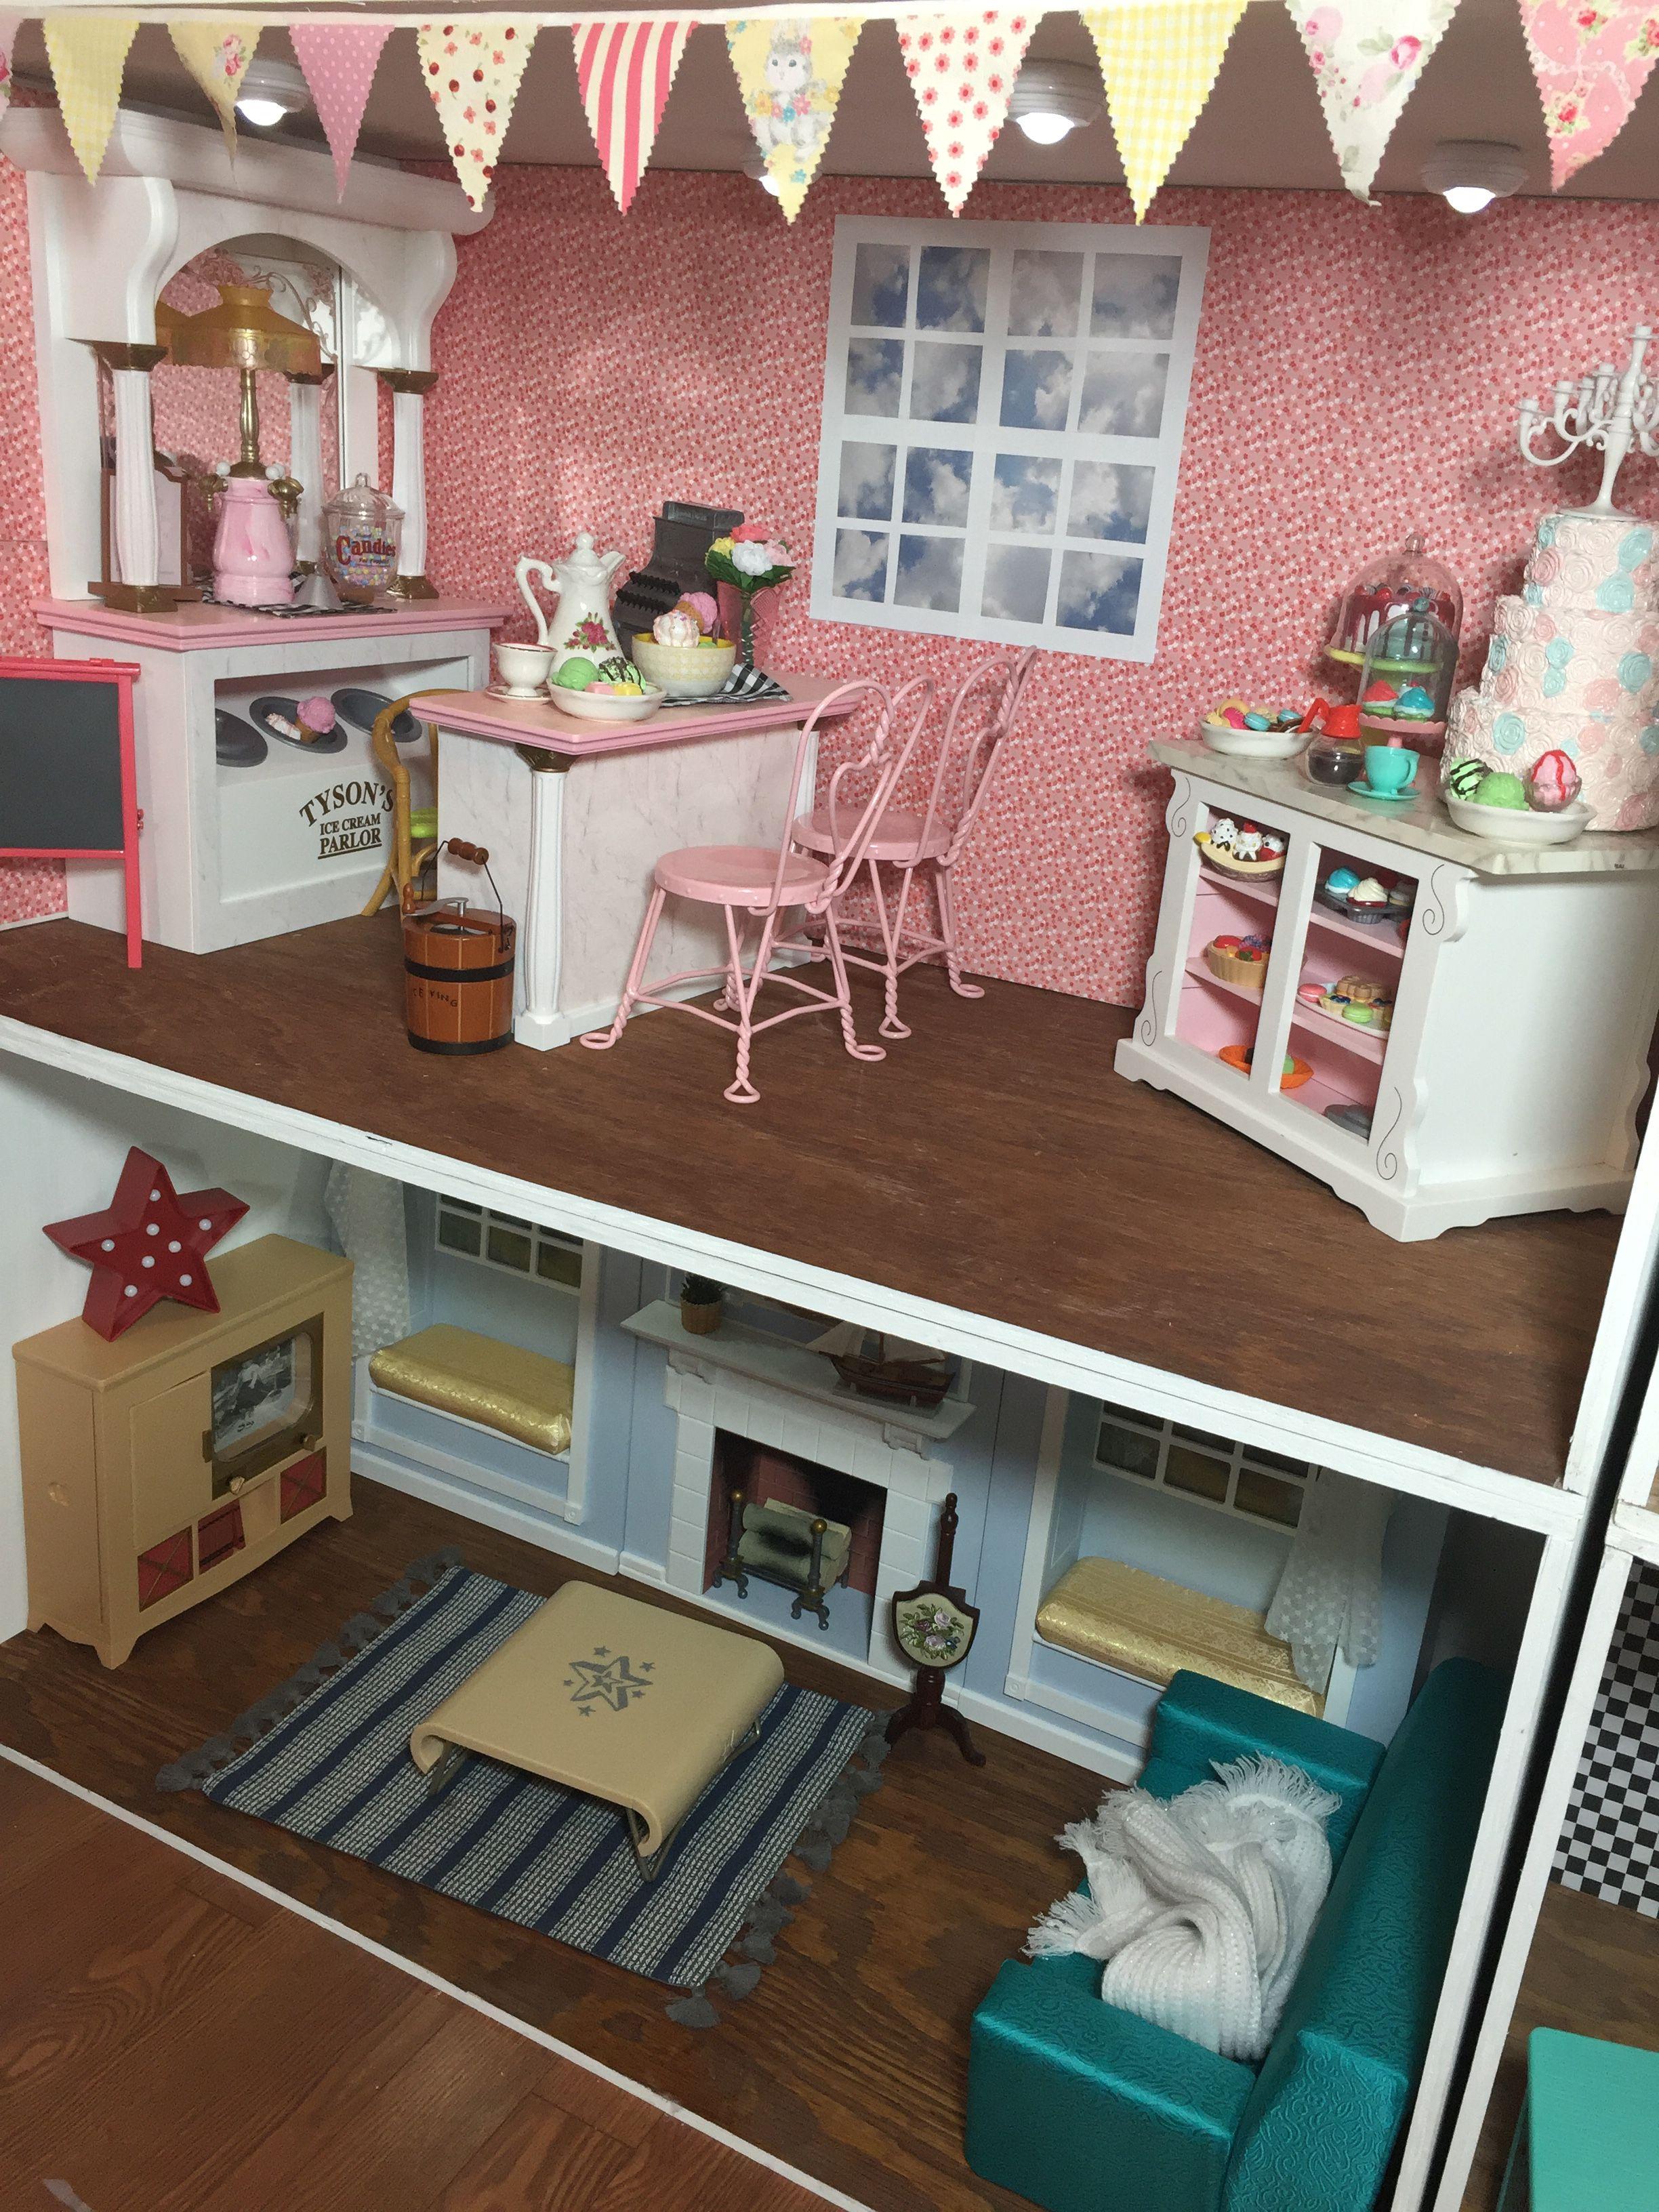 American girl doll diy image by pamela moore on american